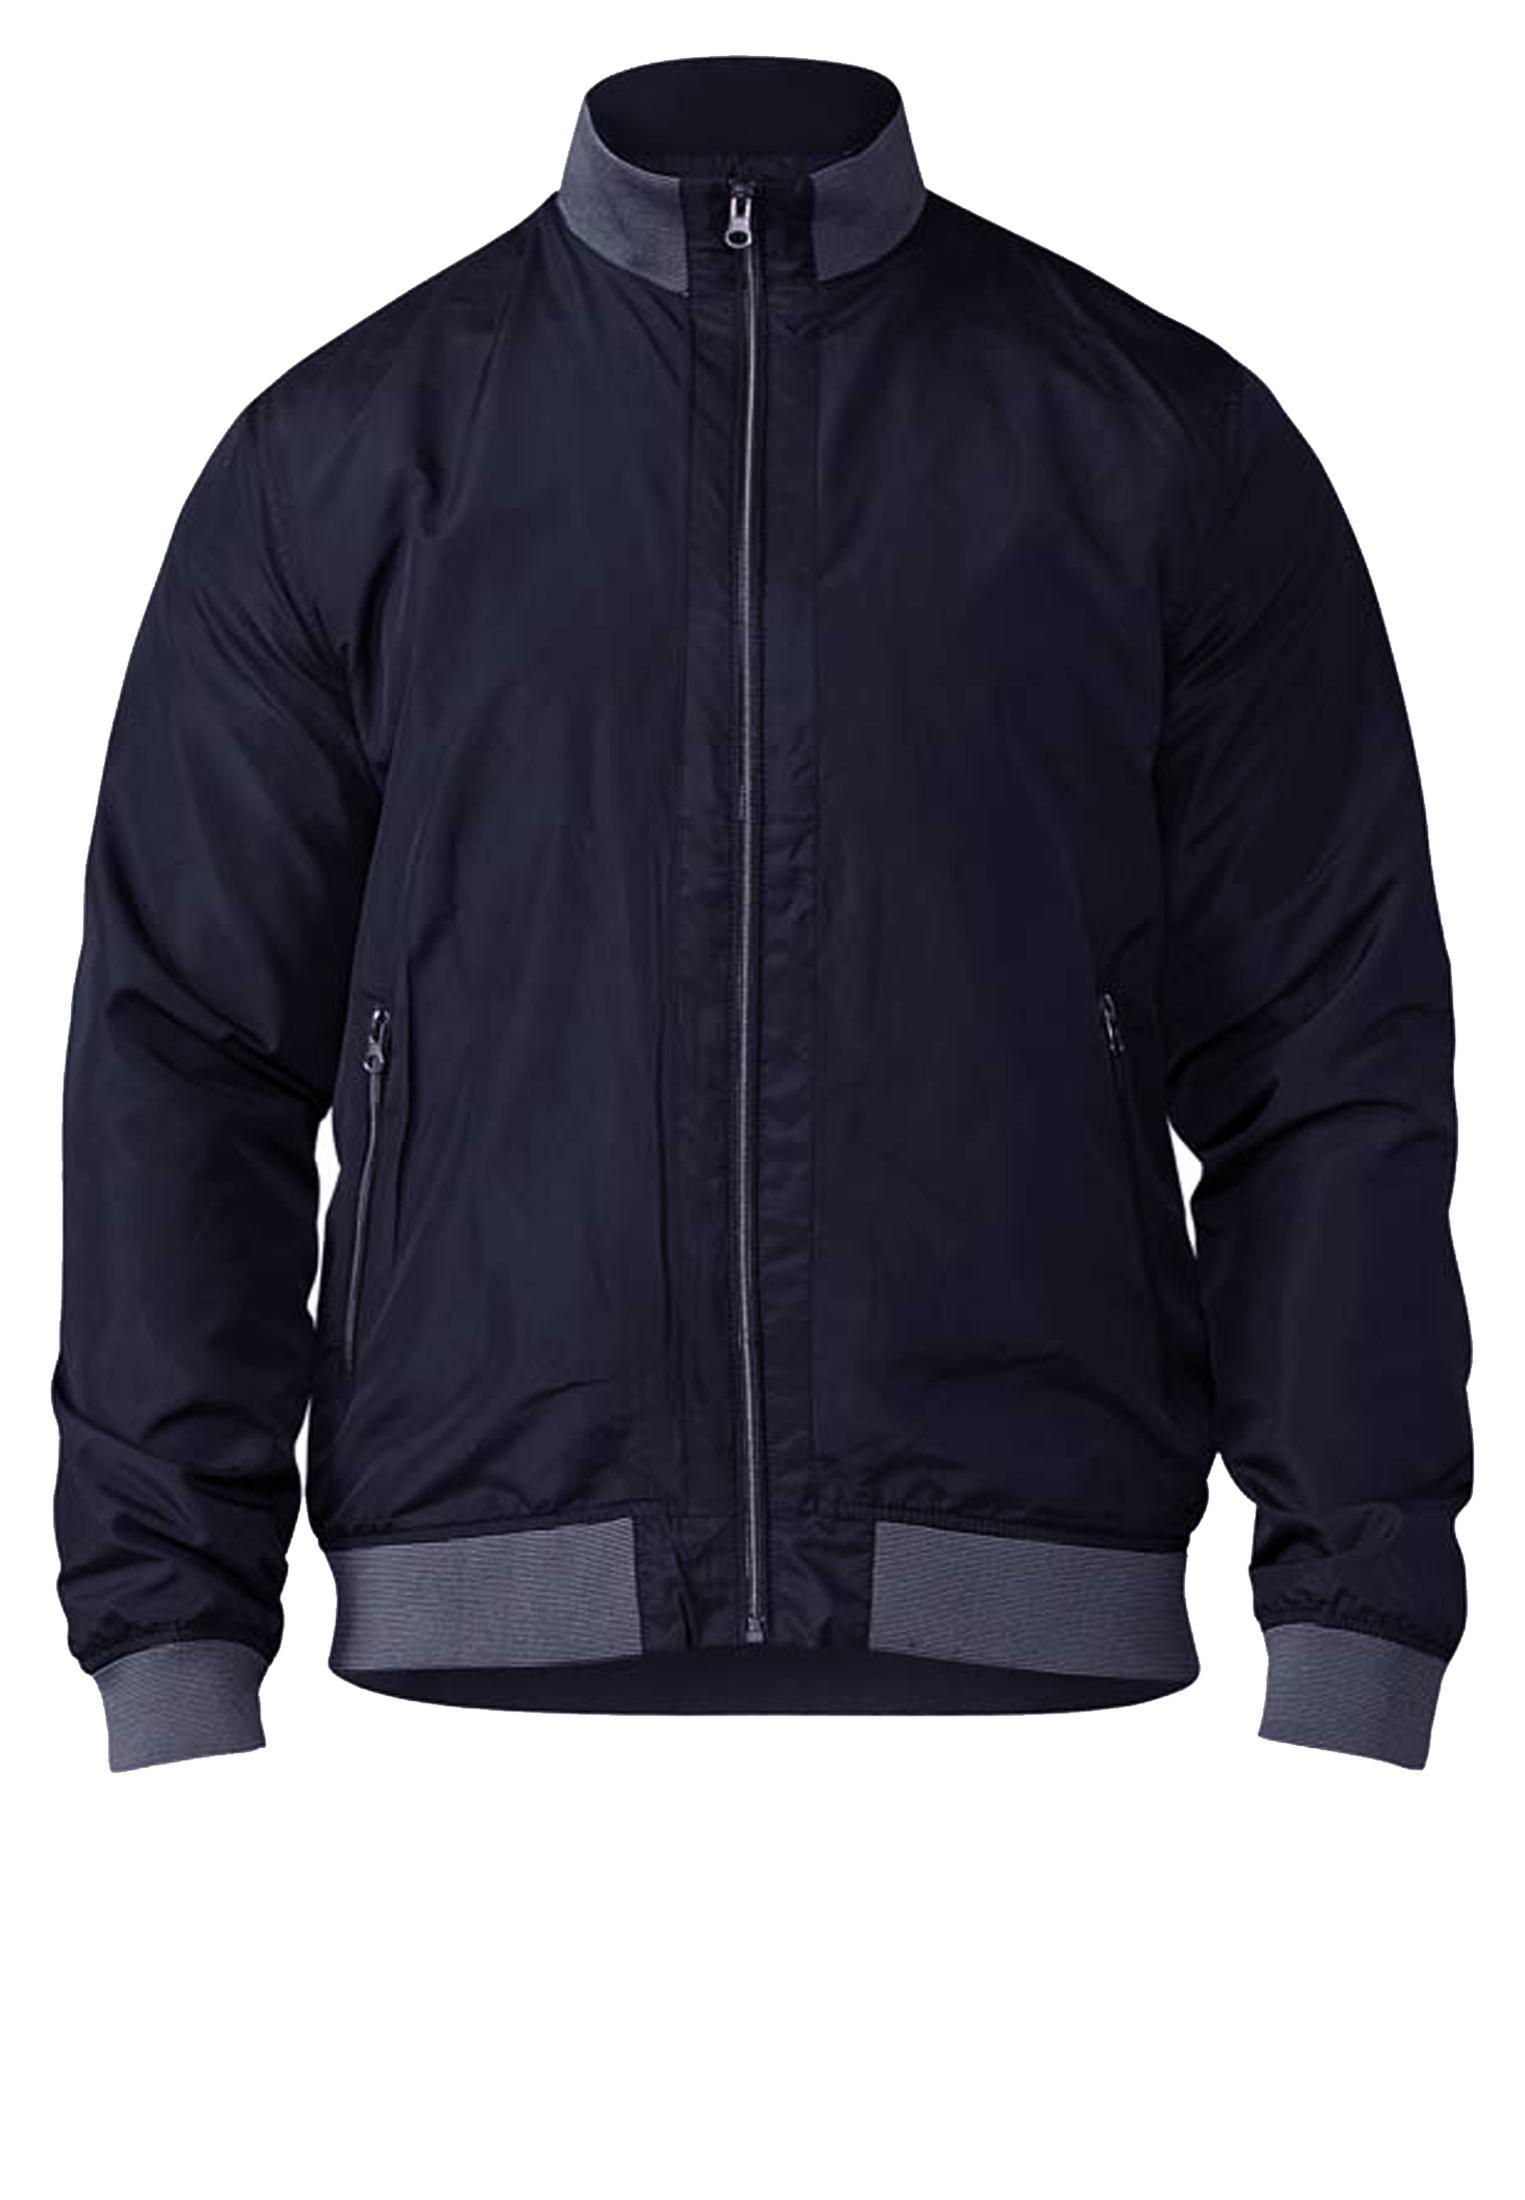 Mooie zomerjas van D555. Deze navy blauwe jas met eveneens navy blauwe voering heeft twee met rits afsluitbare zakken en een open binnenzak. De jas heeft een navy-grijs elastische boord aan de kraag, zoom en mouwboorden.